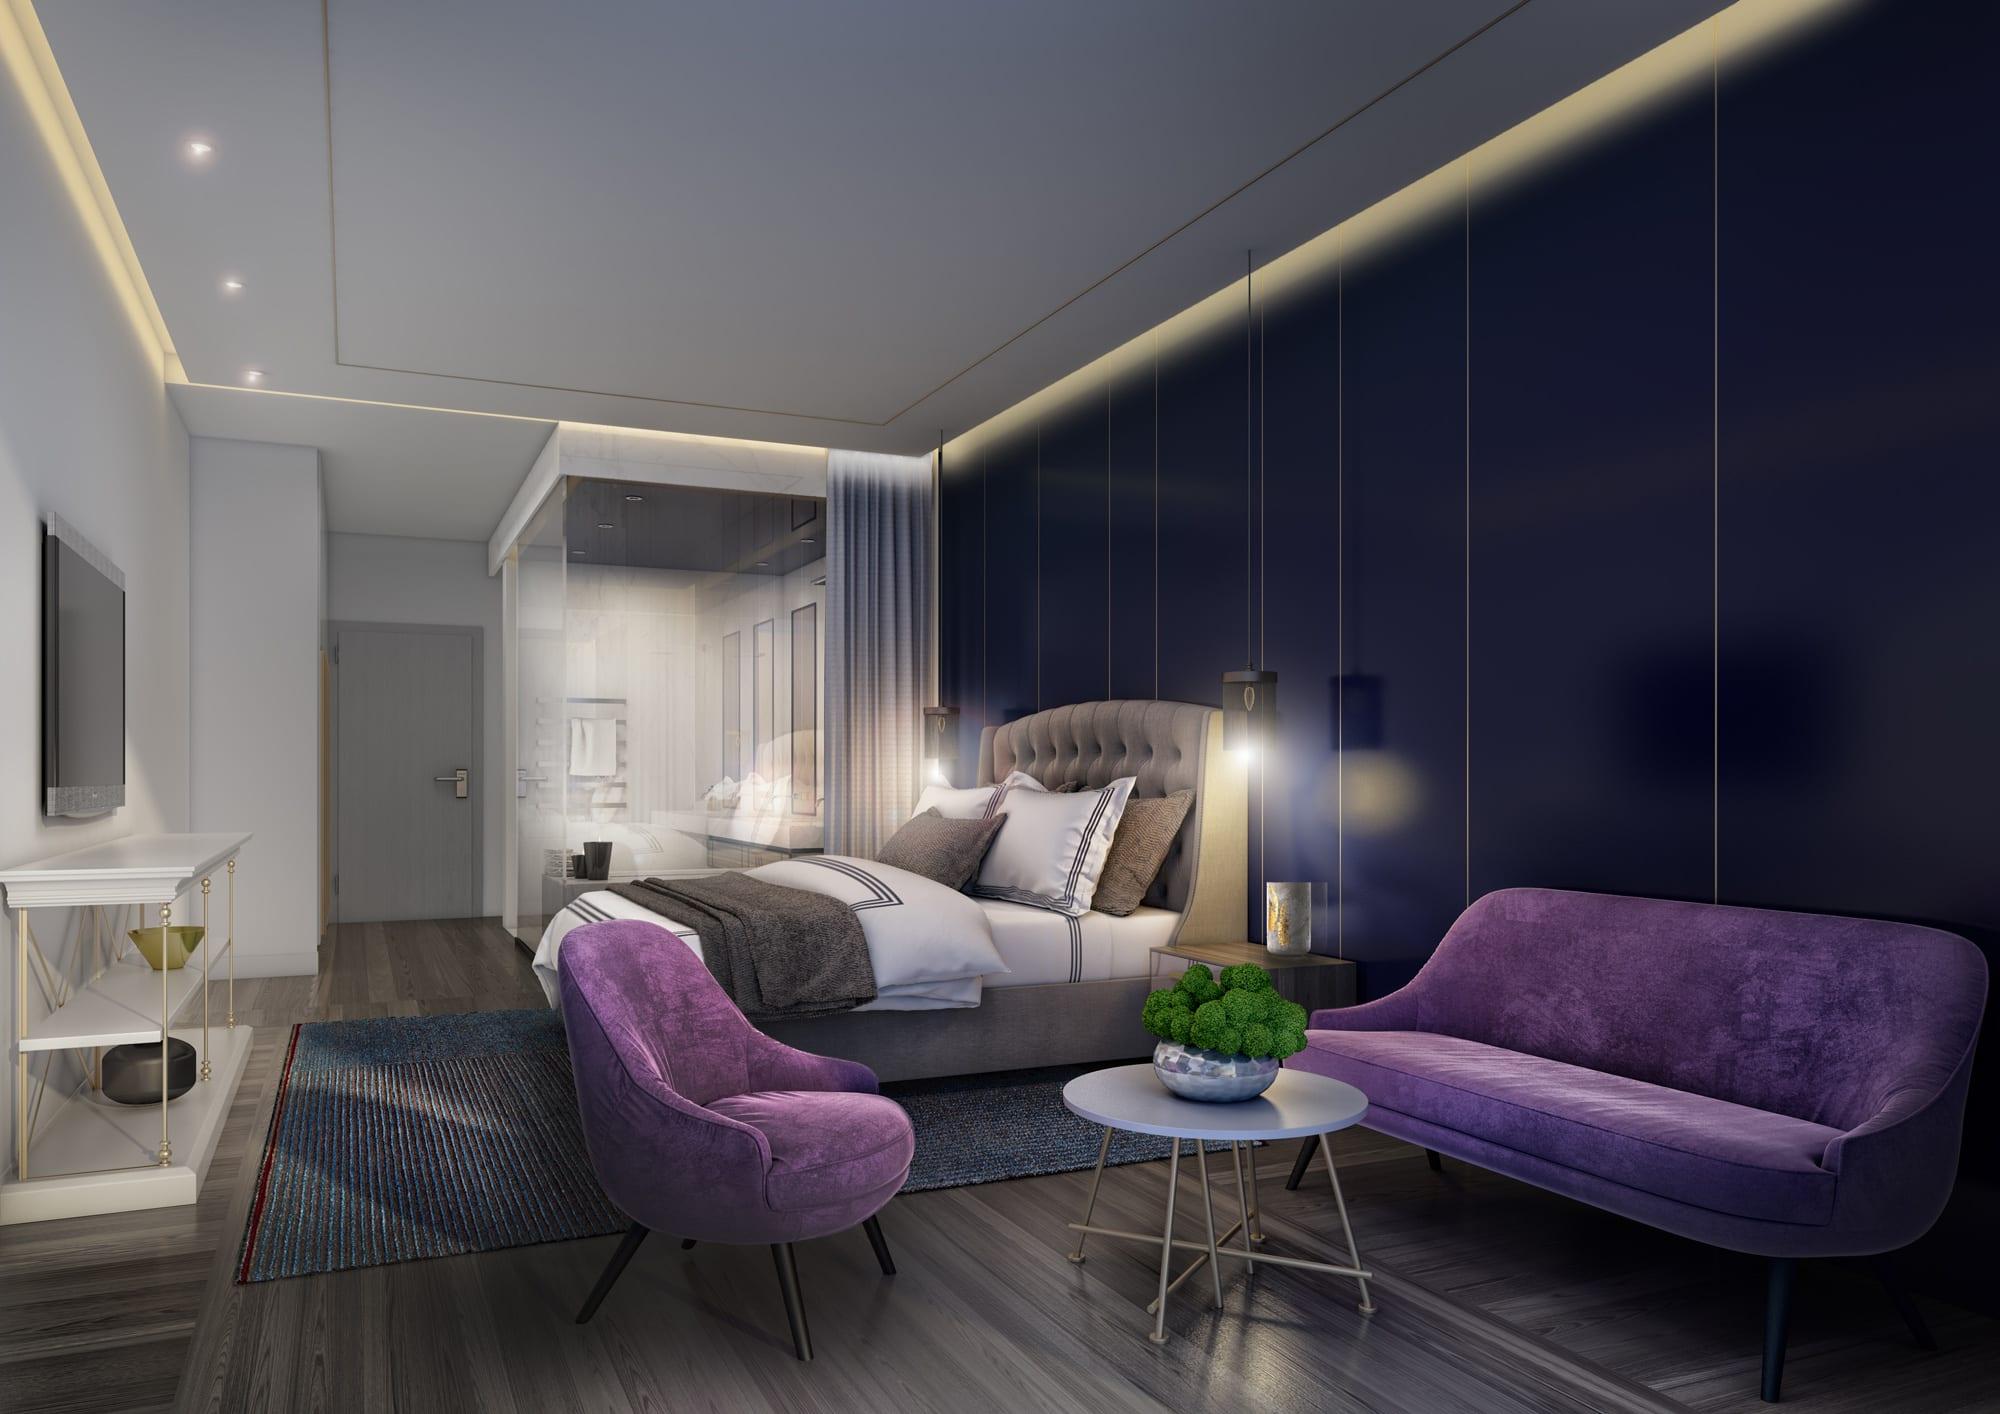 hotel interior design dubai uae - Violet Hotel Design